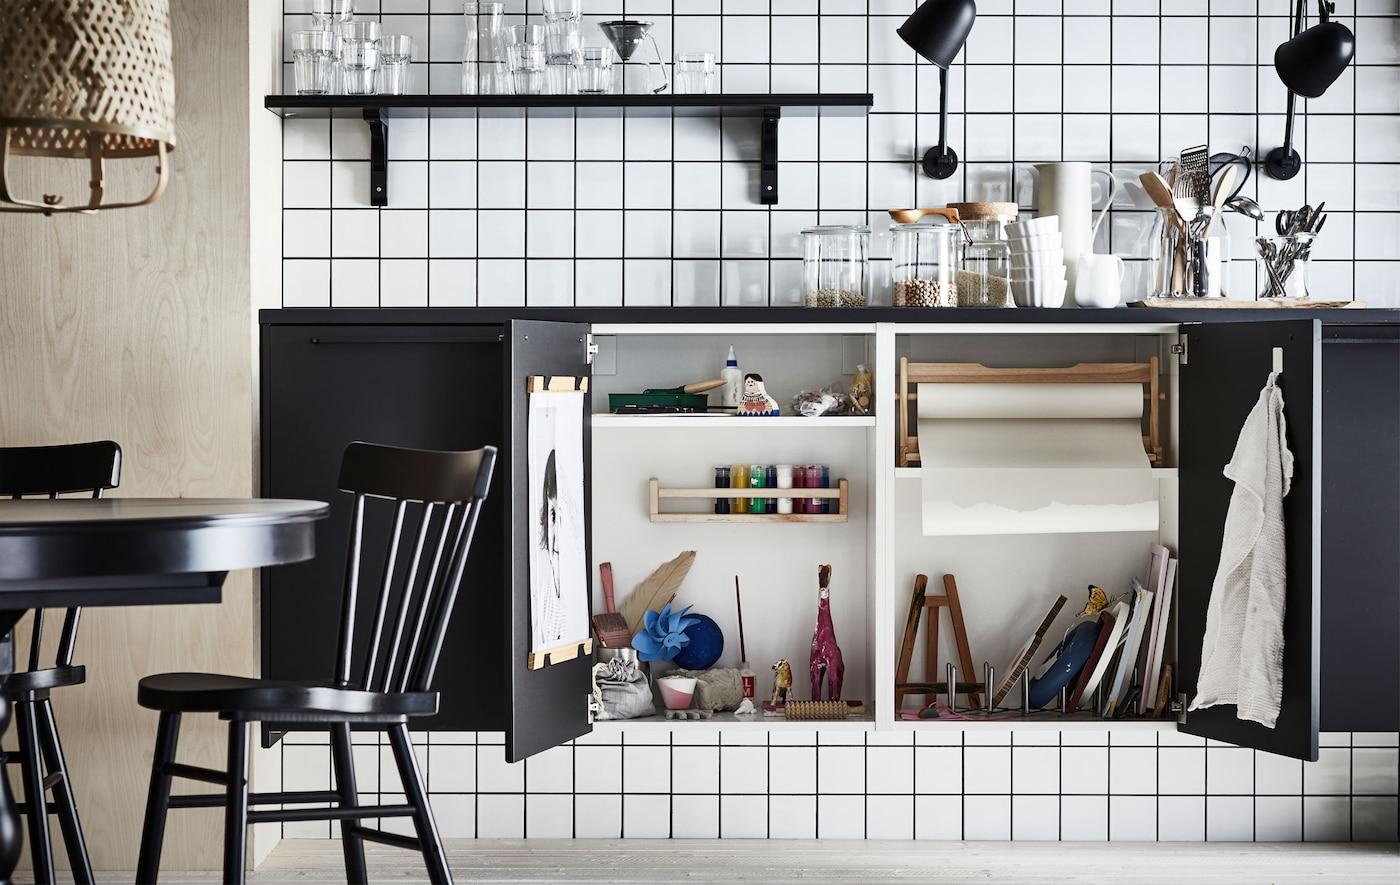 سطح عمل مطبخ مع اثنين من أبواب الخزائن مفتوحين في الأسفل، يكشفان عن استوديو فن كامل مصغر مخبأ في الداخل.